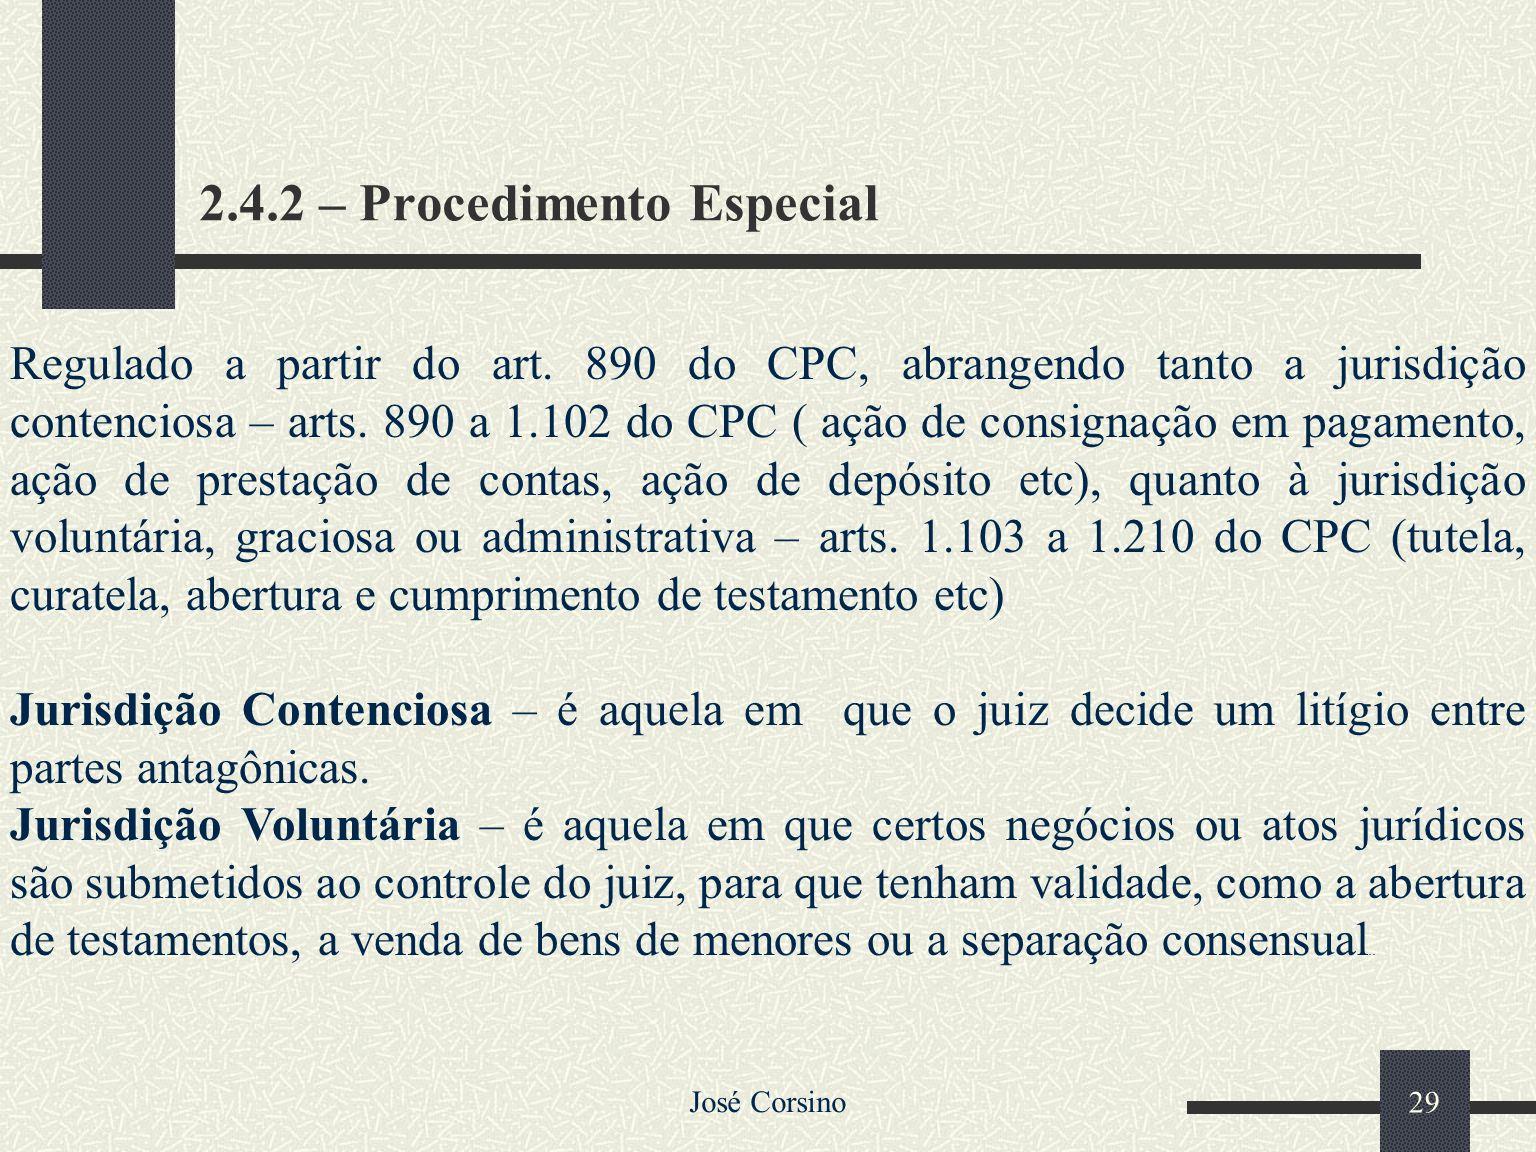 2.4.2 – Procedimento Especial